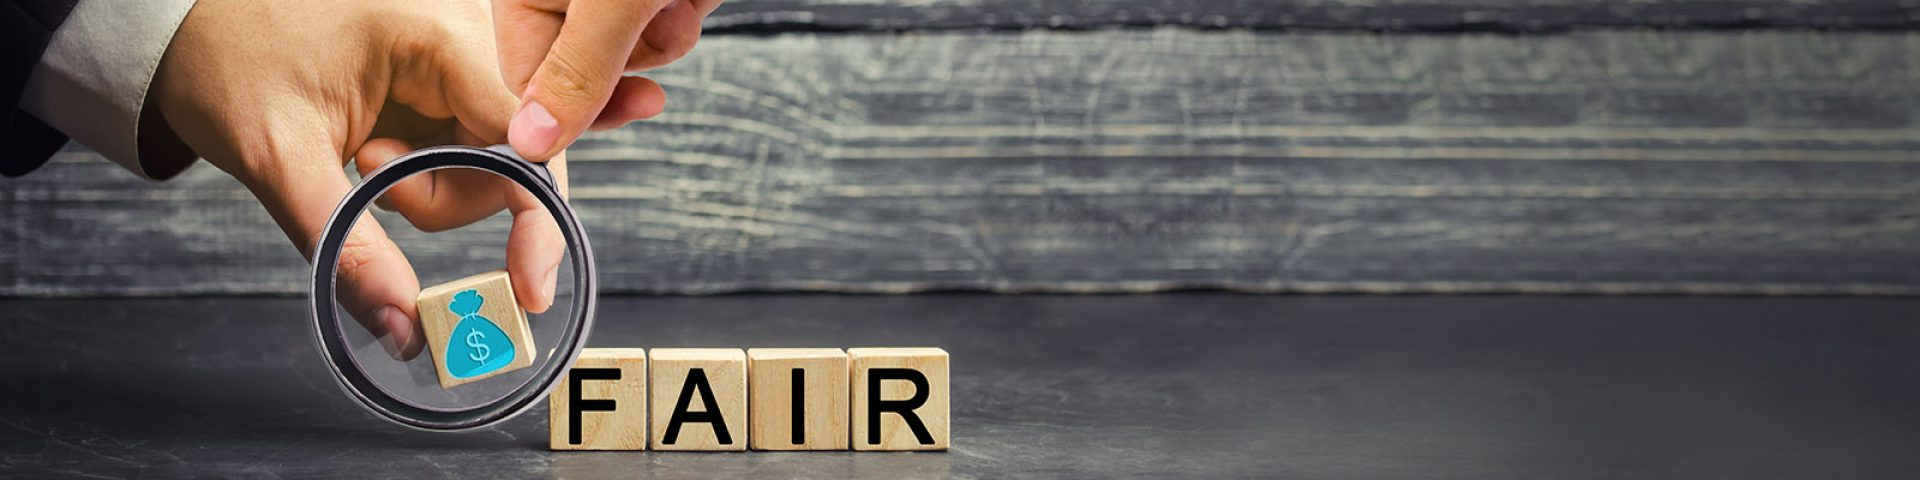 <h2>Transparenz, Fairness, Angemessenheit – Ihre Faktoren für gelungene Mitarbeiter-Motivation</h2>